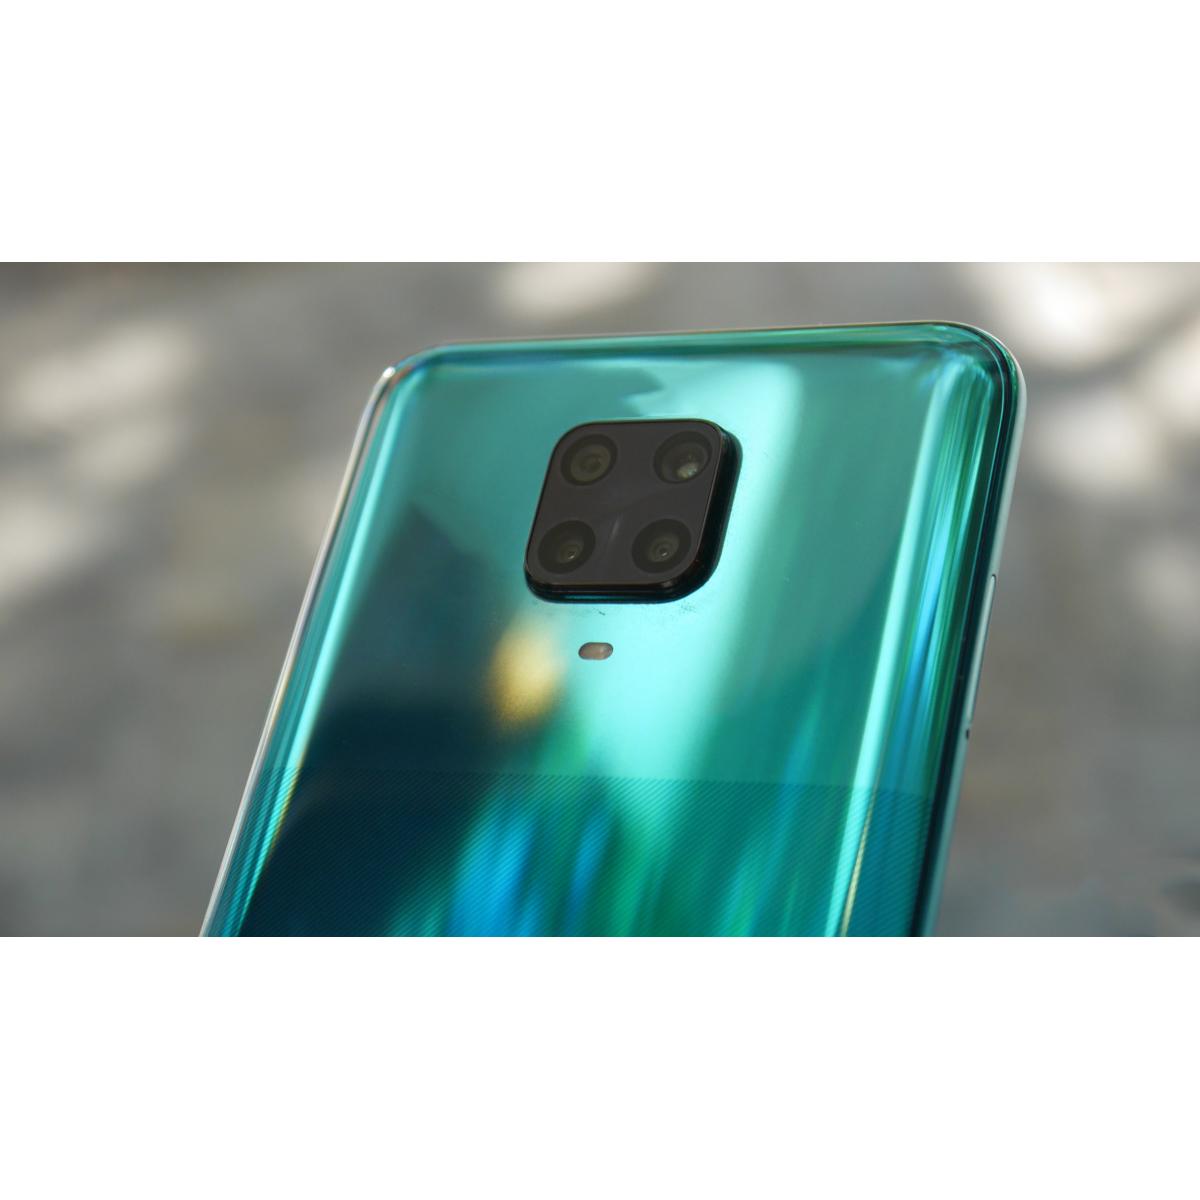 گوشی موبایل شیائومی مدل Redmi Note 9 Pro M2003J6B2G دو سیم کارت ظرفیت 64 گیگابایت main 1 12